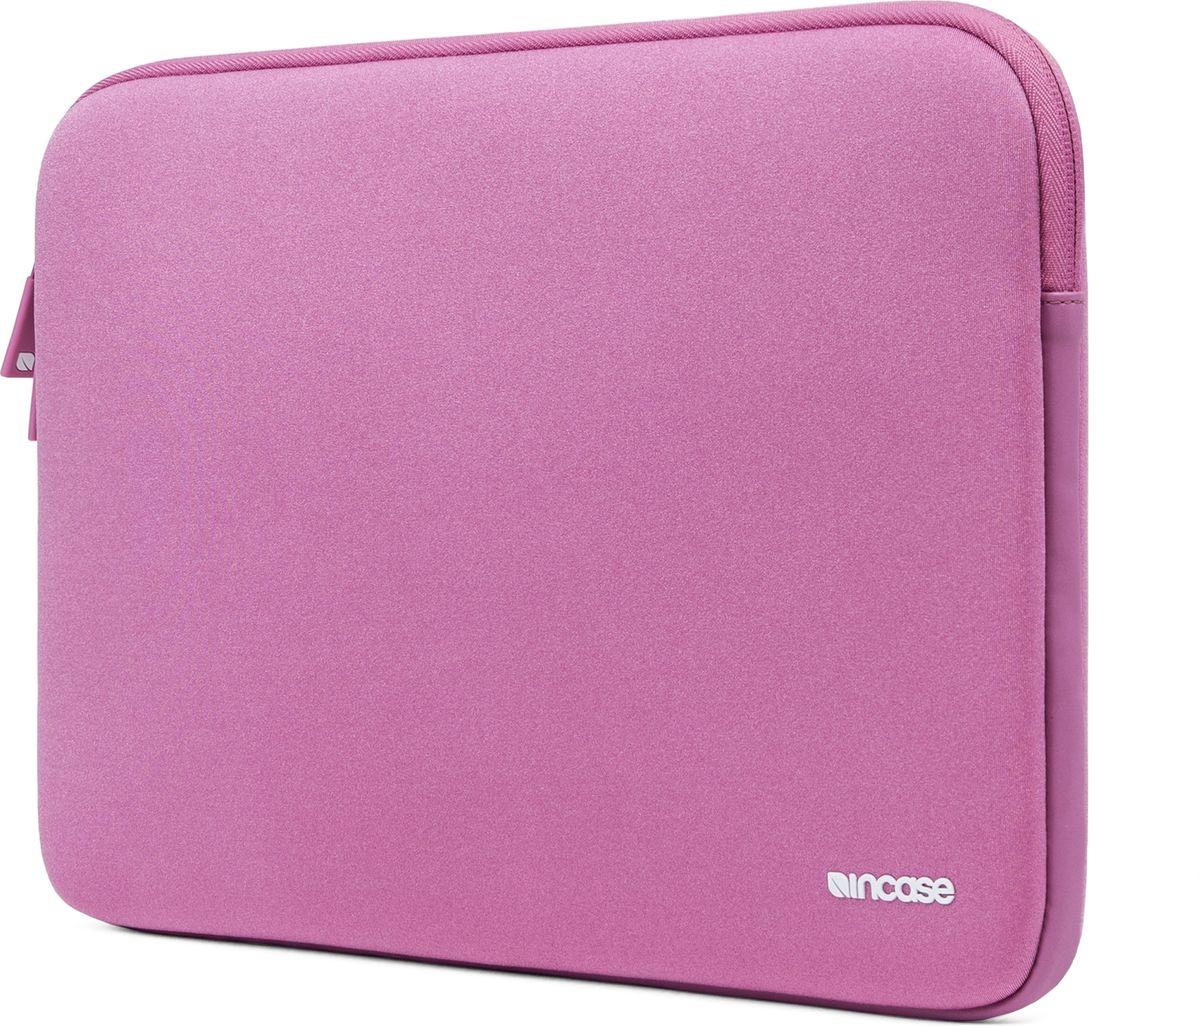 Incase Neoprene Classic Sleeve чехол для Apple MacBook 13, OrchidCL90043Тонкий чехол Incase Neoprene Classic Sleeve для Apple MacBook 13 выполнен из неопрена в элегантном строгом дизайне. Чехол надежно защищает устройство от царапин, не пропускает влагу и оснащен мягкой подкладкой, а также удобной застежкой-молнией.